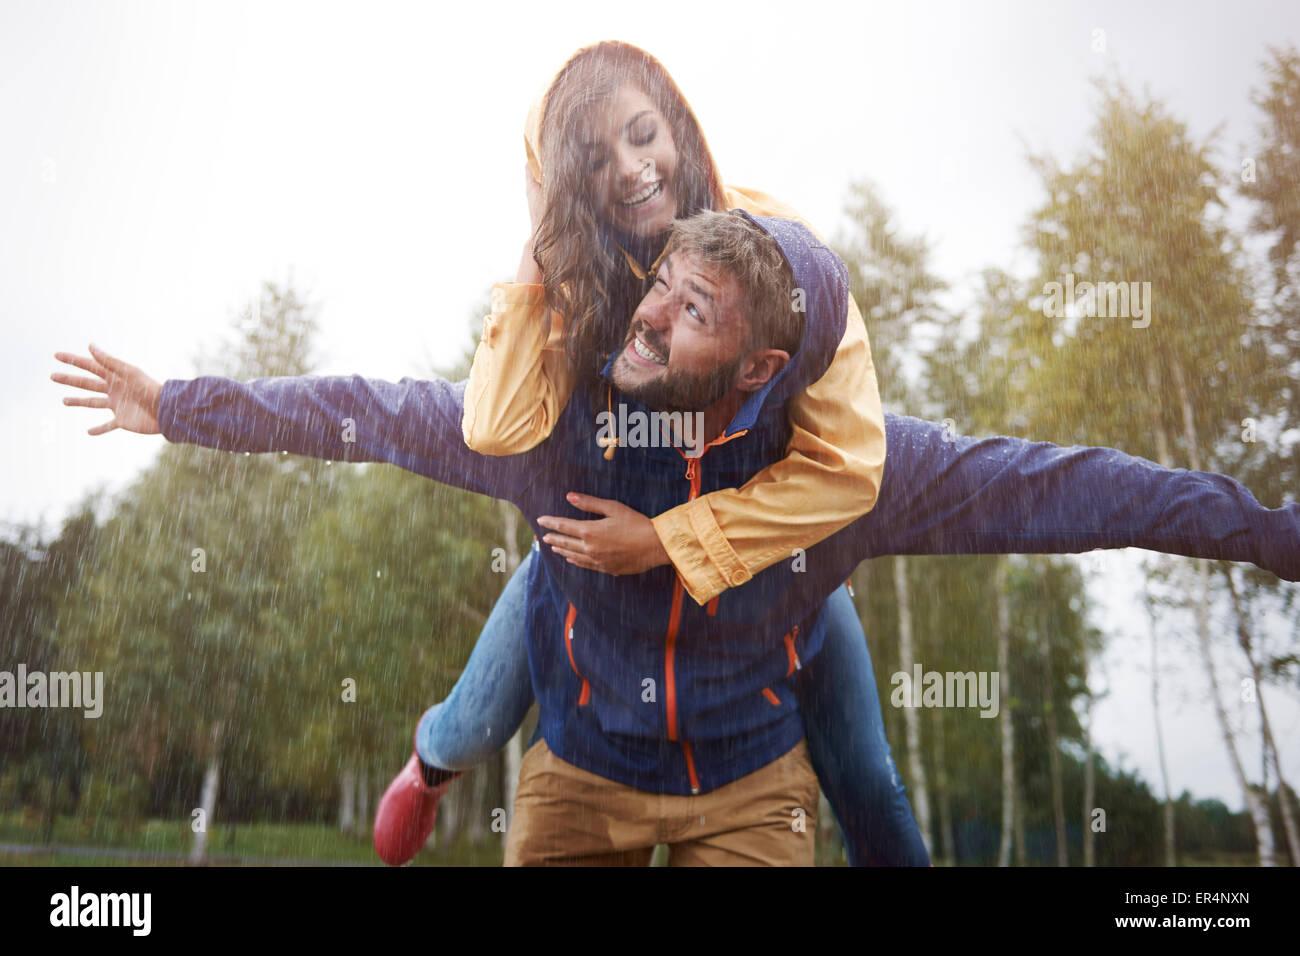 La riproduzione sotto la pioggia come un bambino. Debica, Polonia Immagini Stock